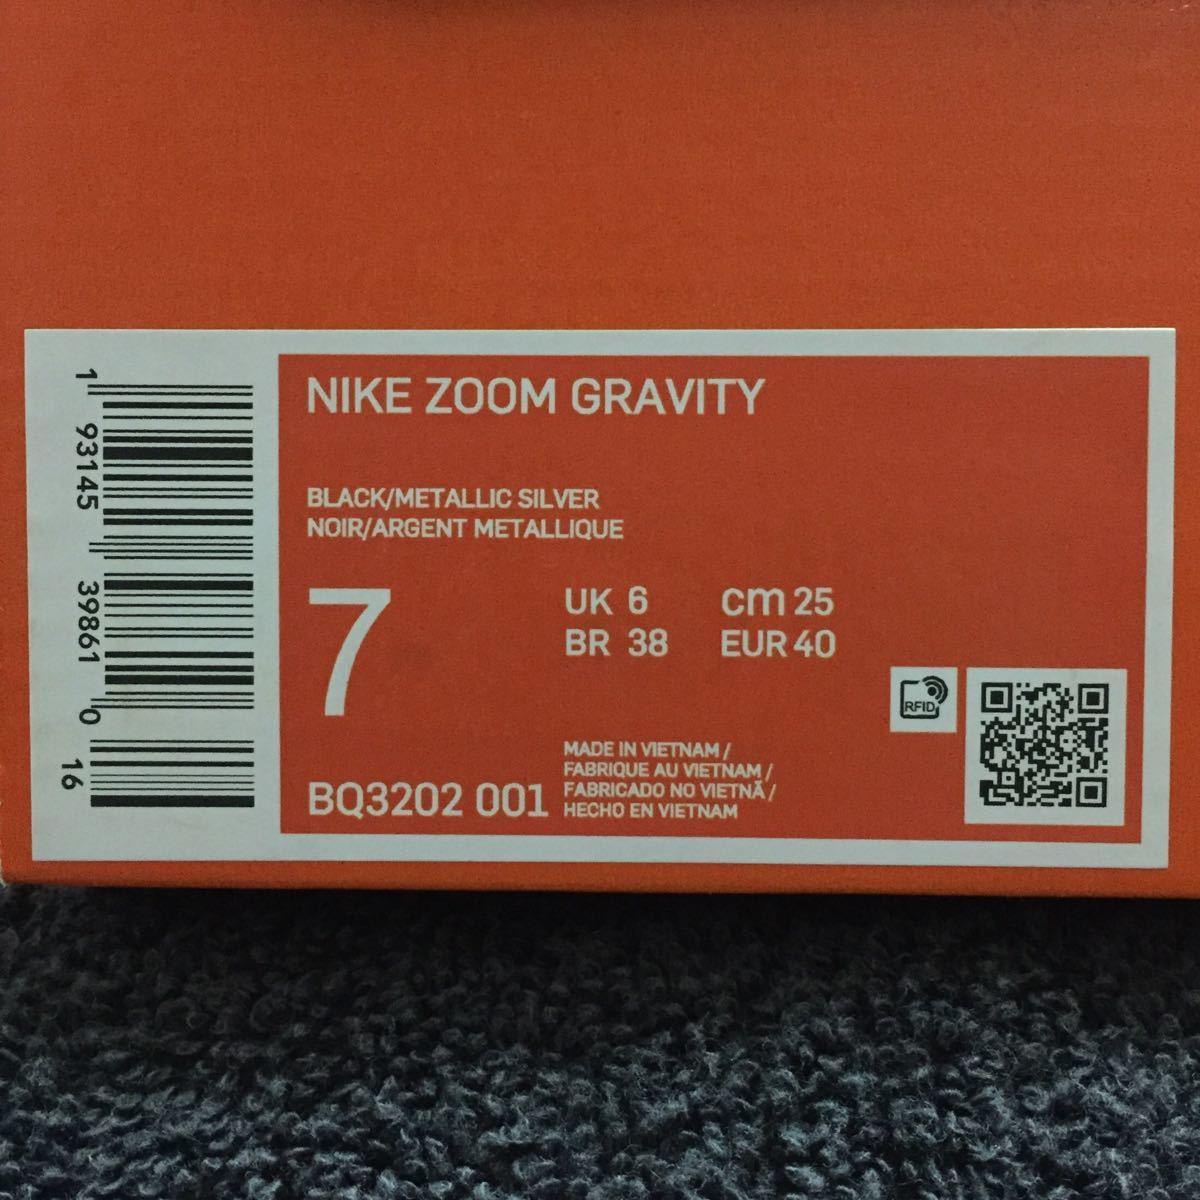 ナイキ ズーム グラビティ 25cm Nike Zoom Gravity size 7